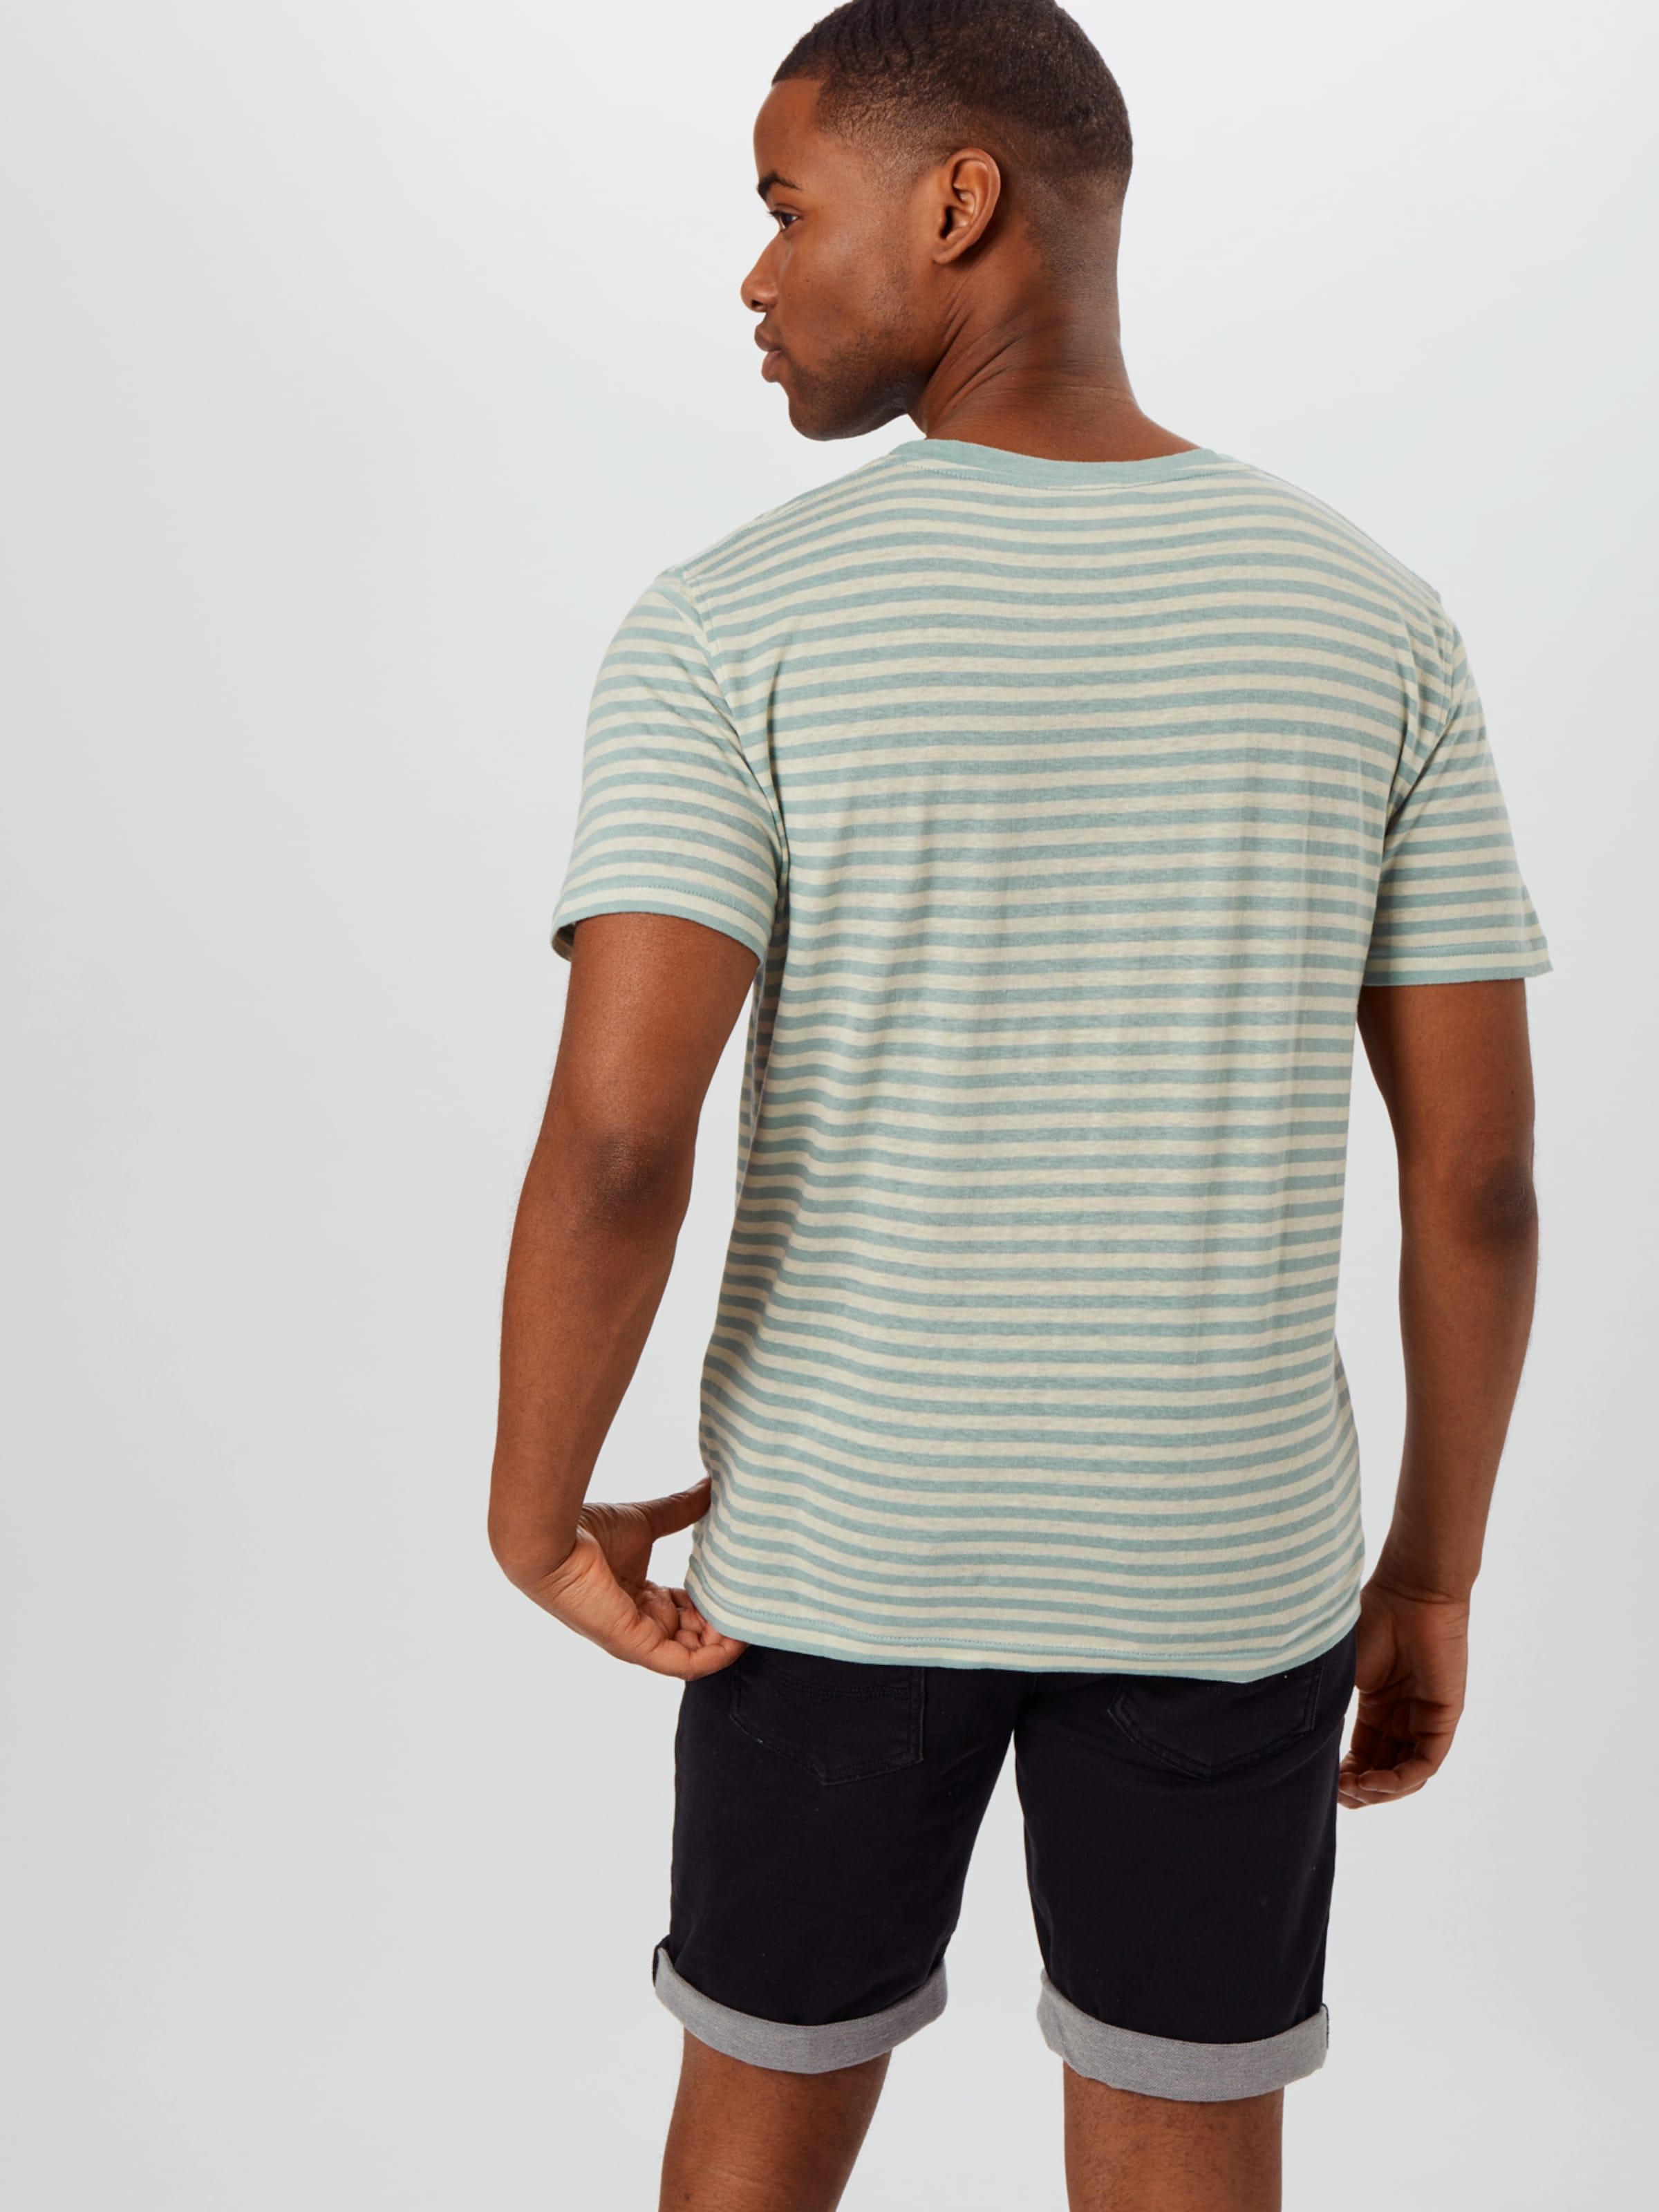 Armor Lux T-Shirt Héritage en vert clair / blanc naturel UuTj9j